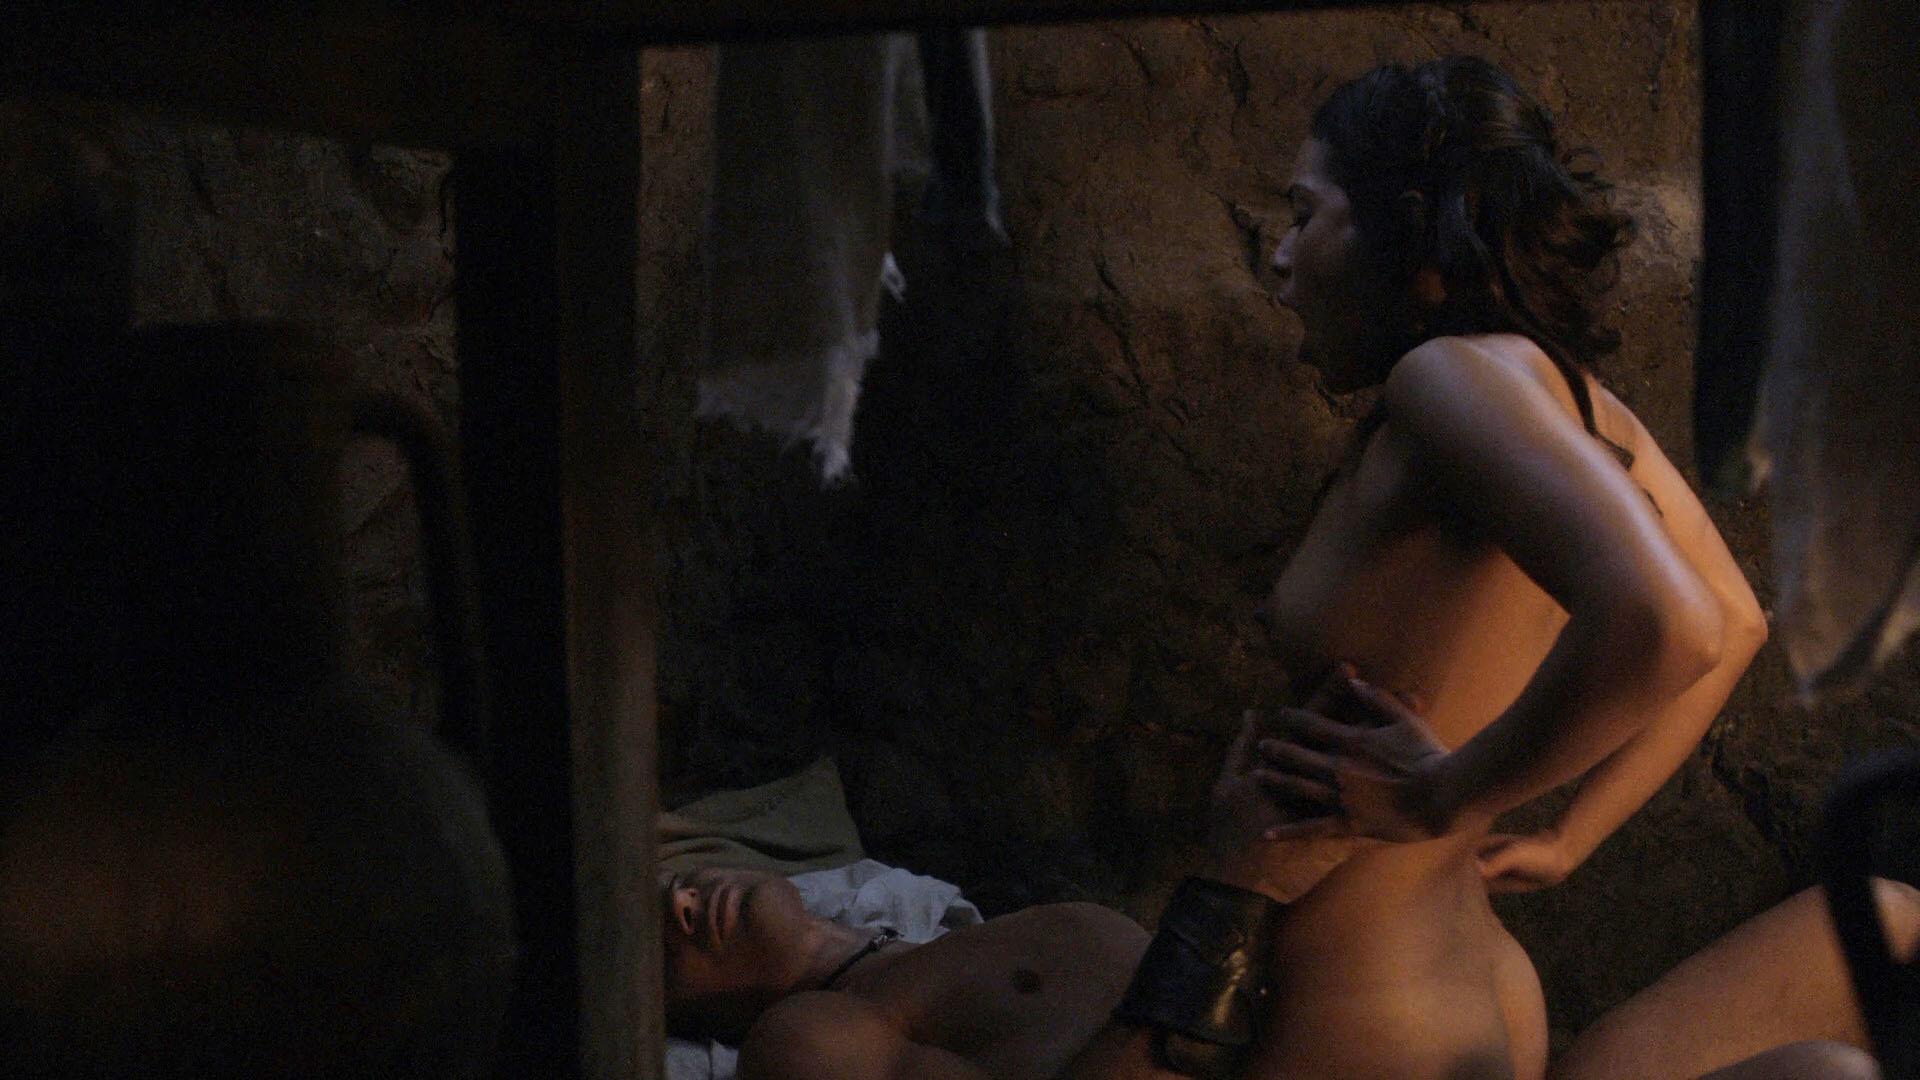 Nude brandt painkillers scenes ann videos lesley